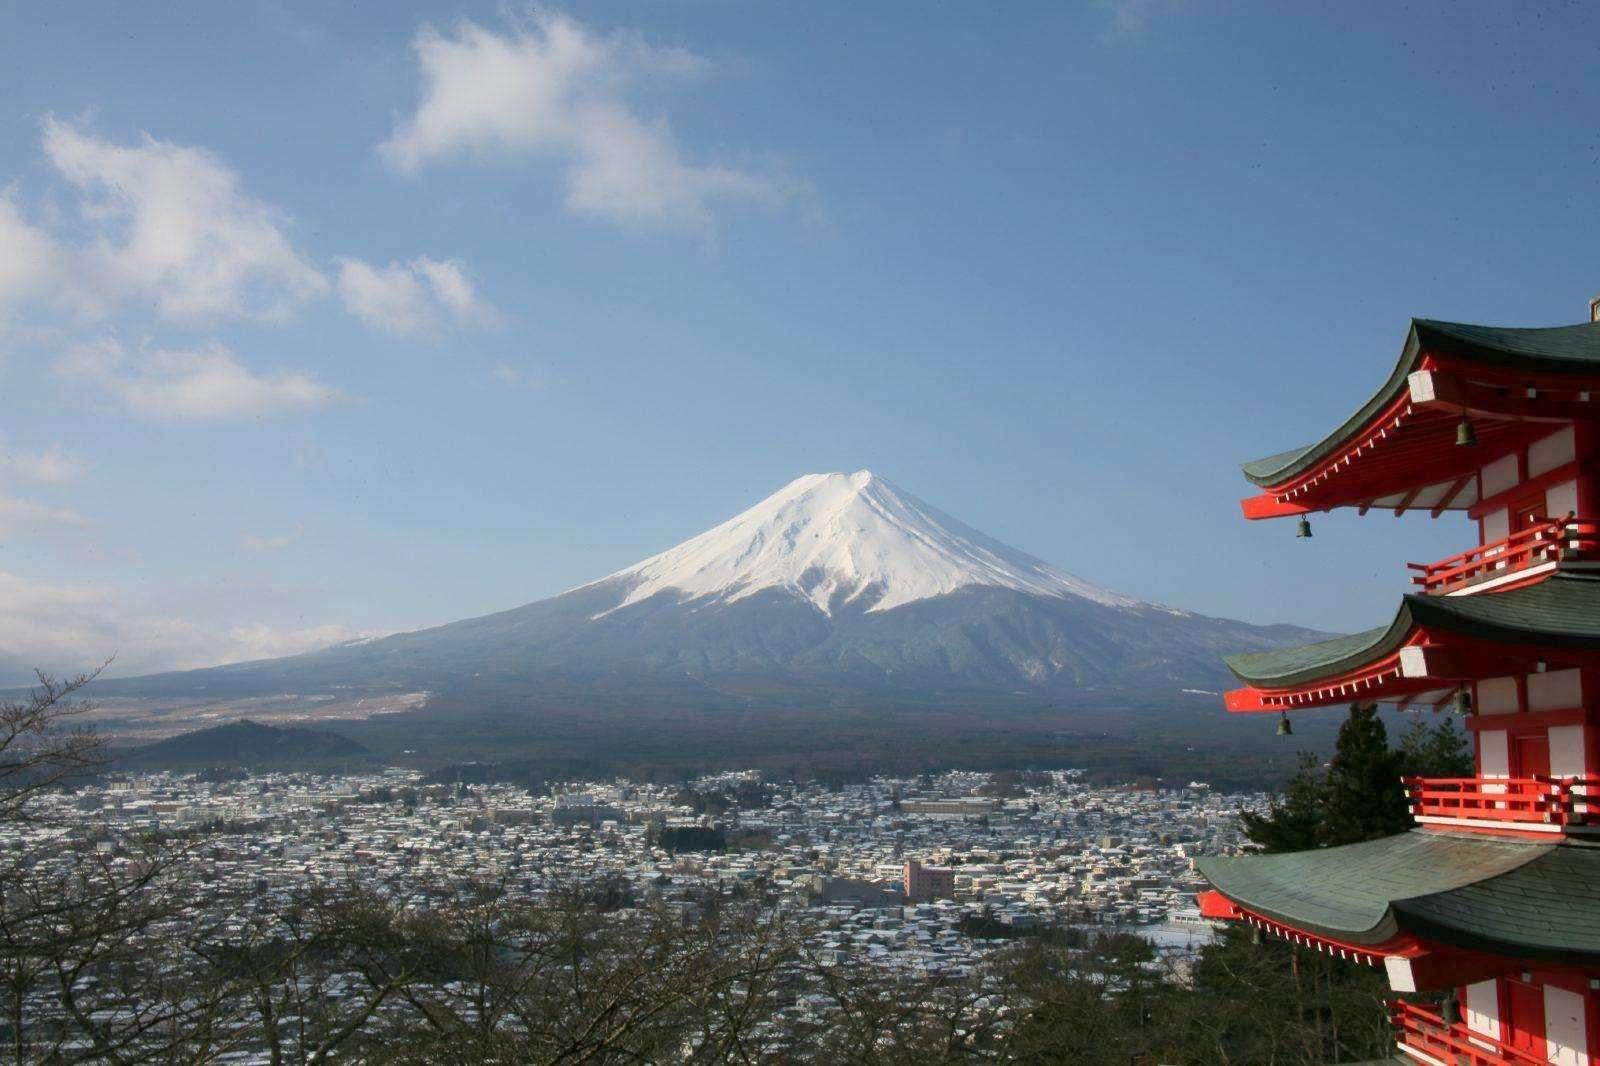 日本买房要交哪些税费?东京的房屋中介费很贵吗? - 得居房产百科